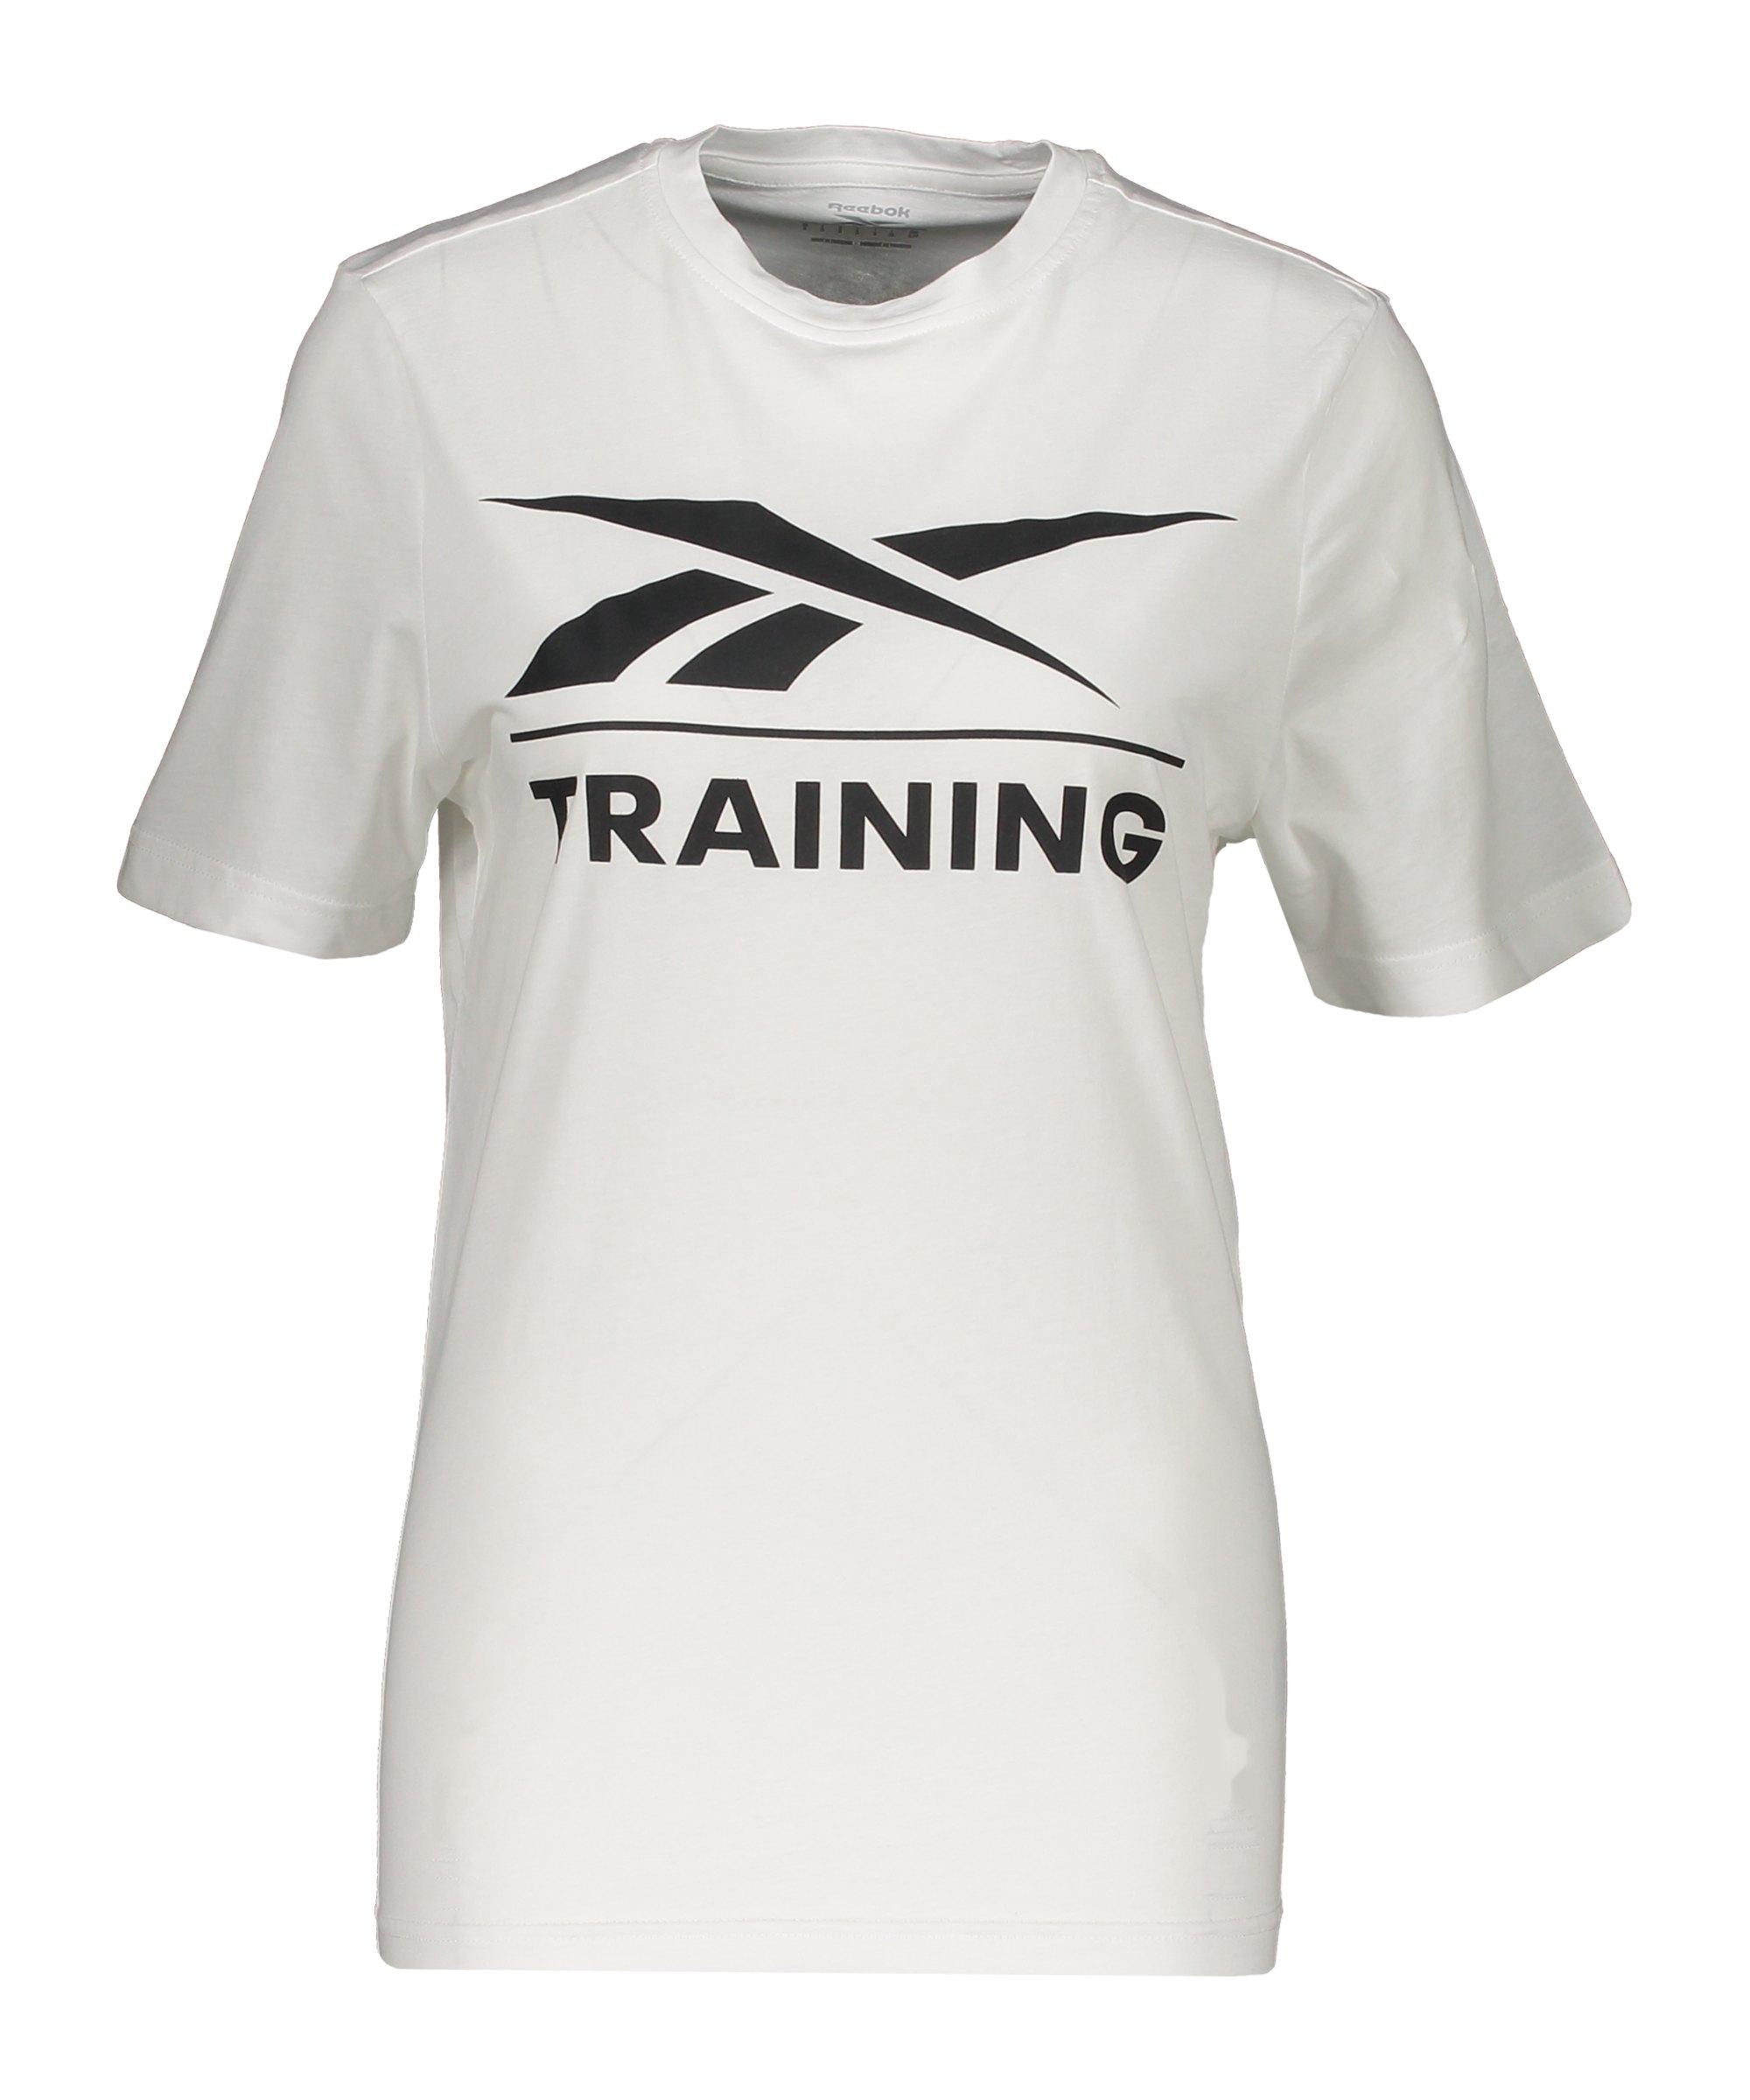 Reebok T-Shirt Training Damen Weiss - weiss